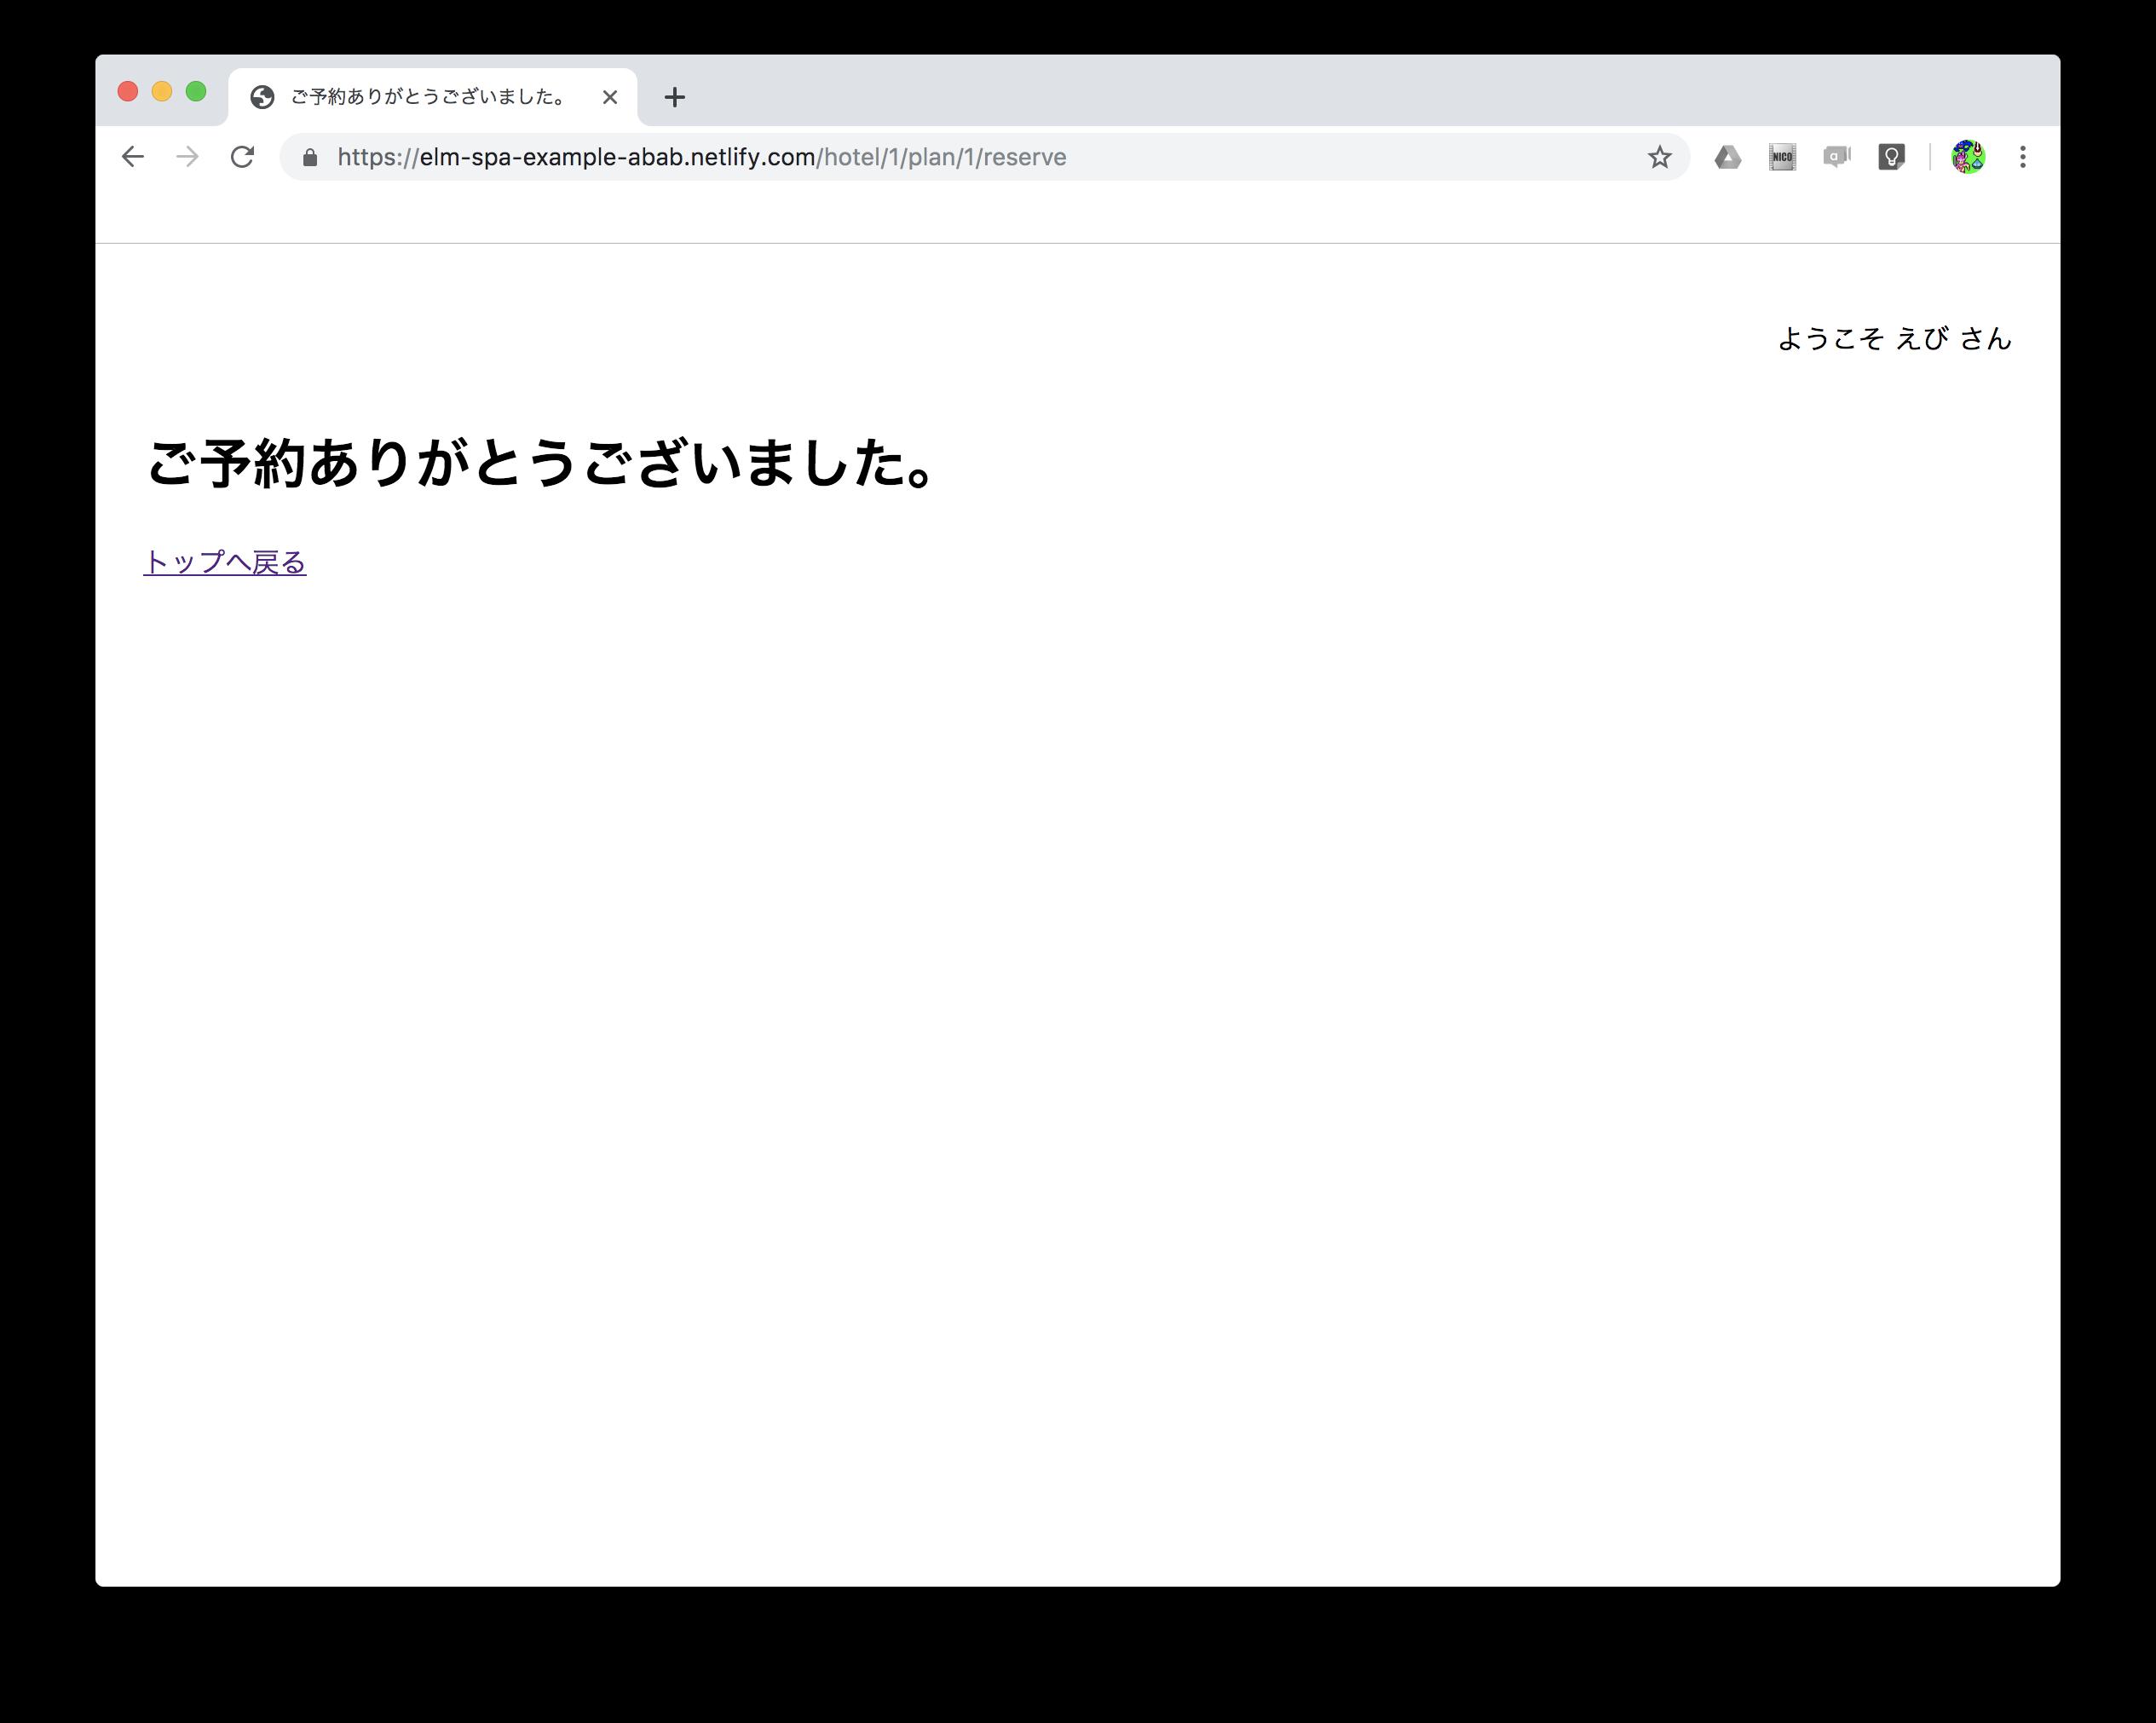 スクリーンショット 2019-06-09 10.34.40.png